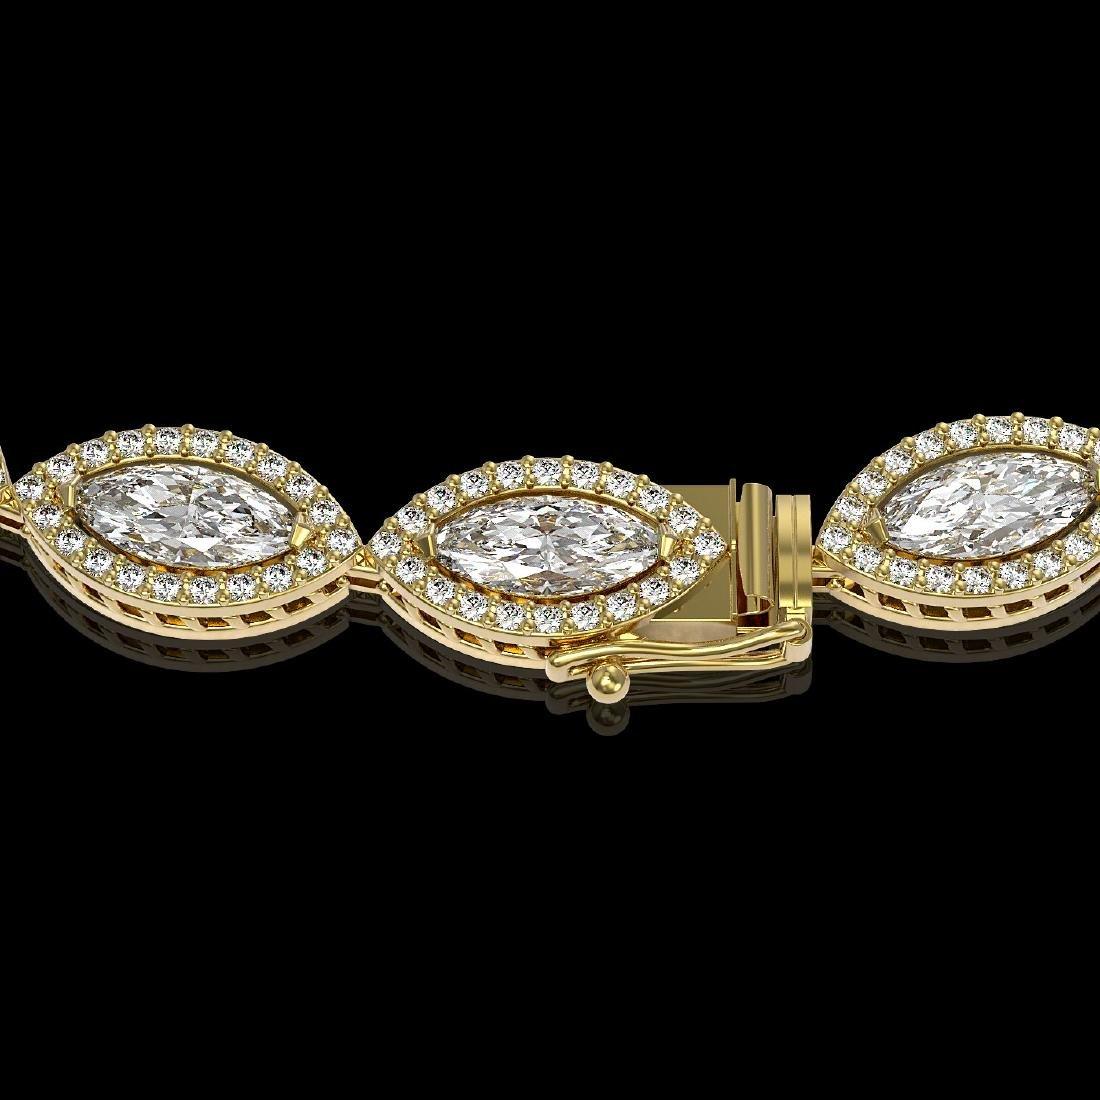 24.42 CTW Marquise Diamond Designer Necklace 18K Yellow - 3